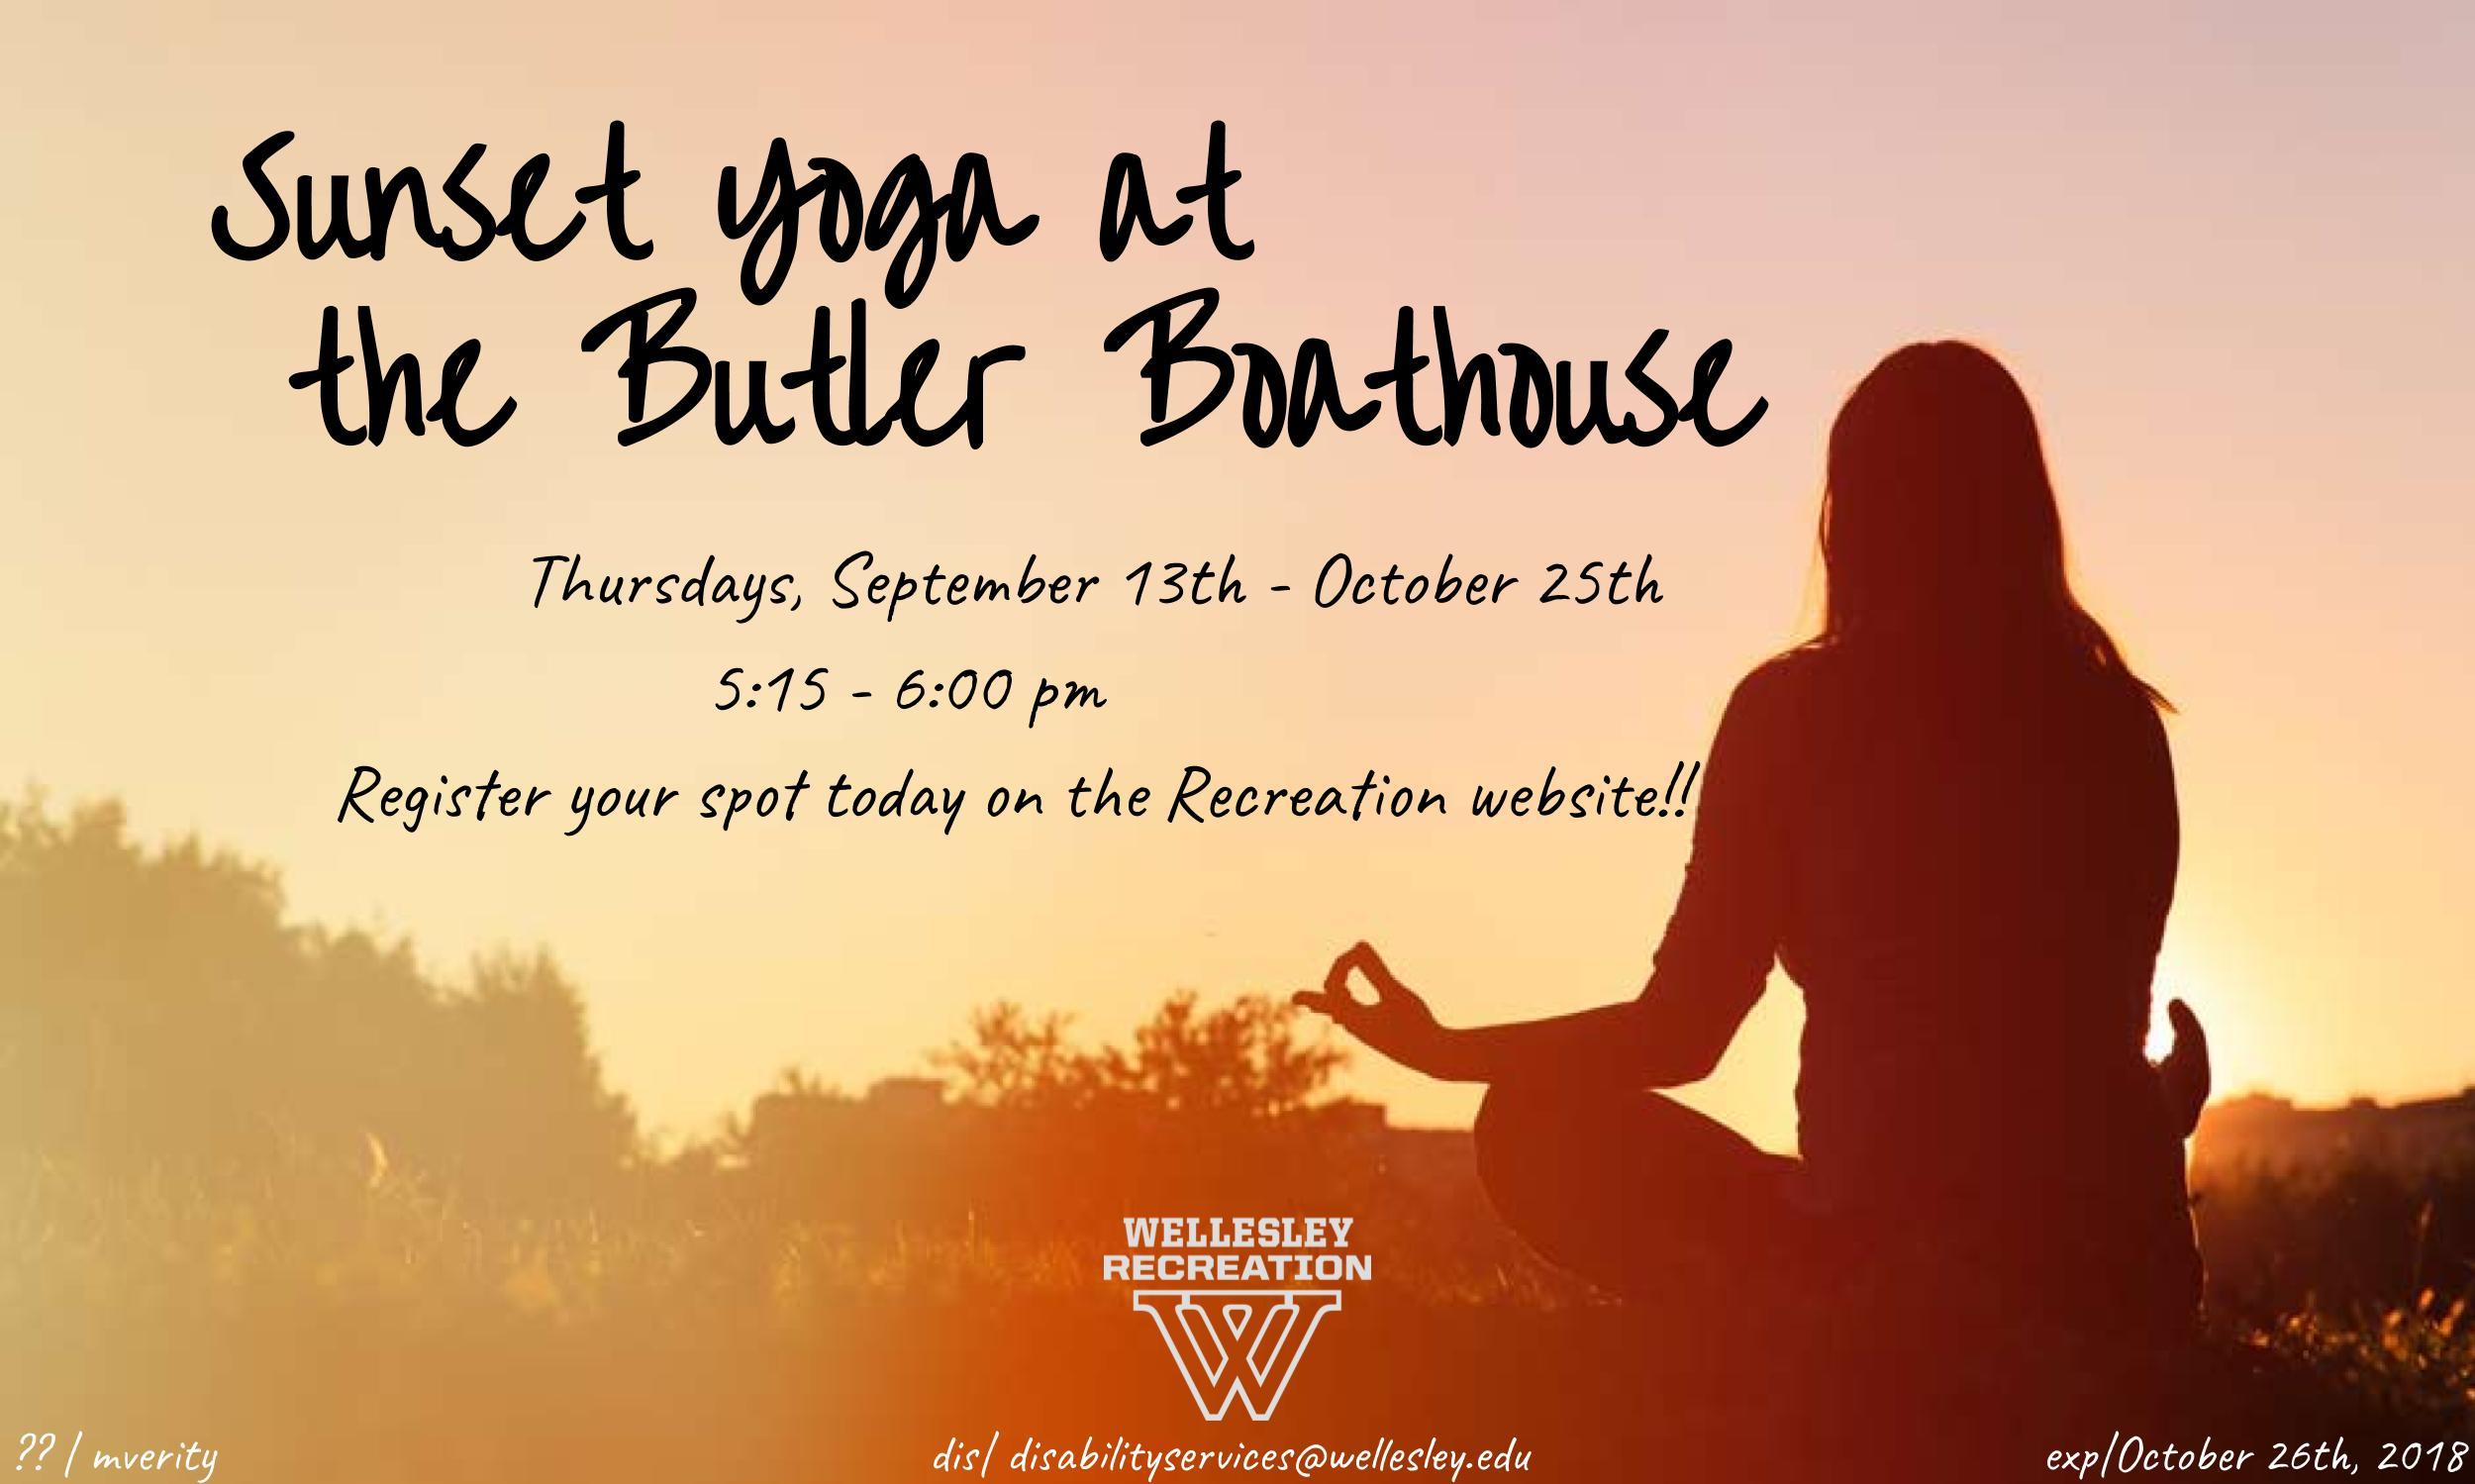 Sunset Yoga at Butler Boathouse